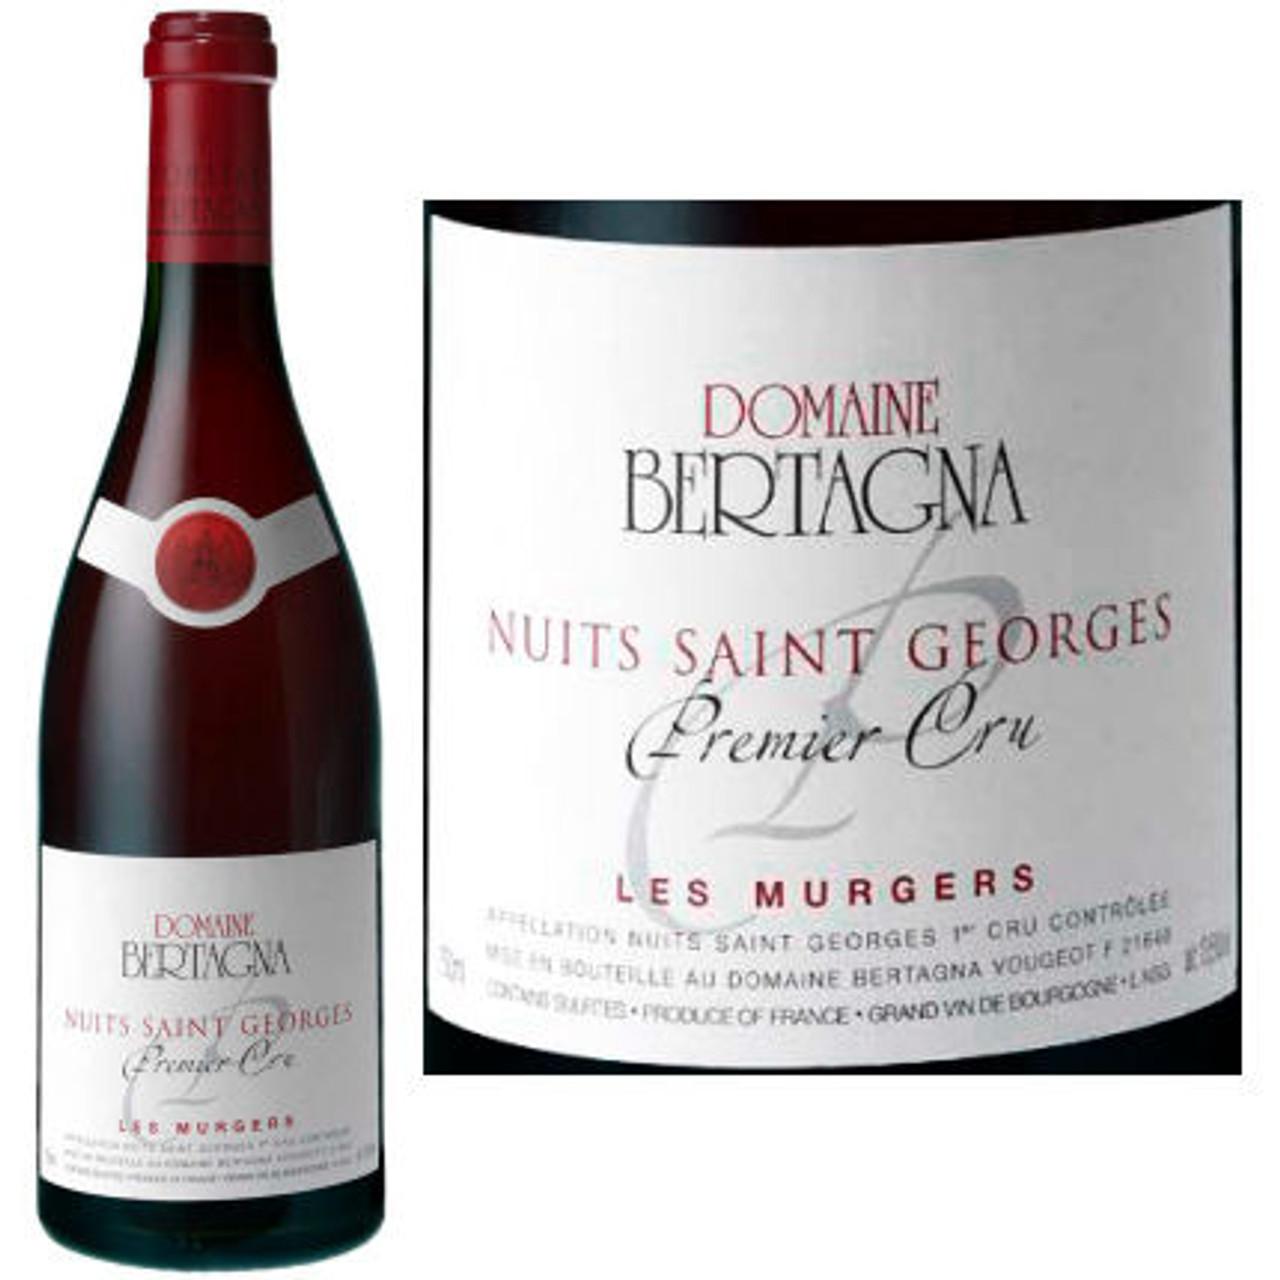 Domaine Bertagna Nuits Saint Georges 1er Cru Les Murgers